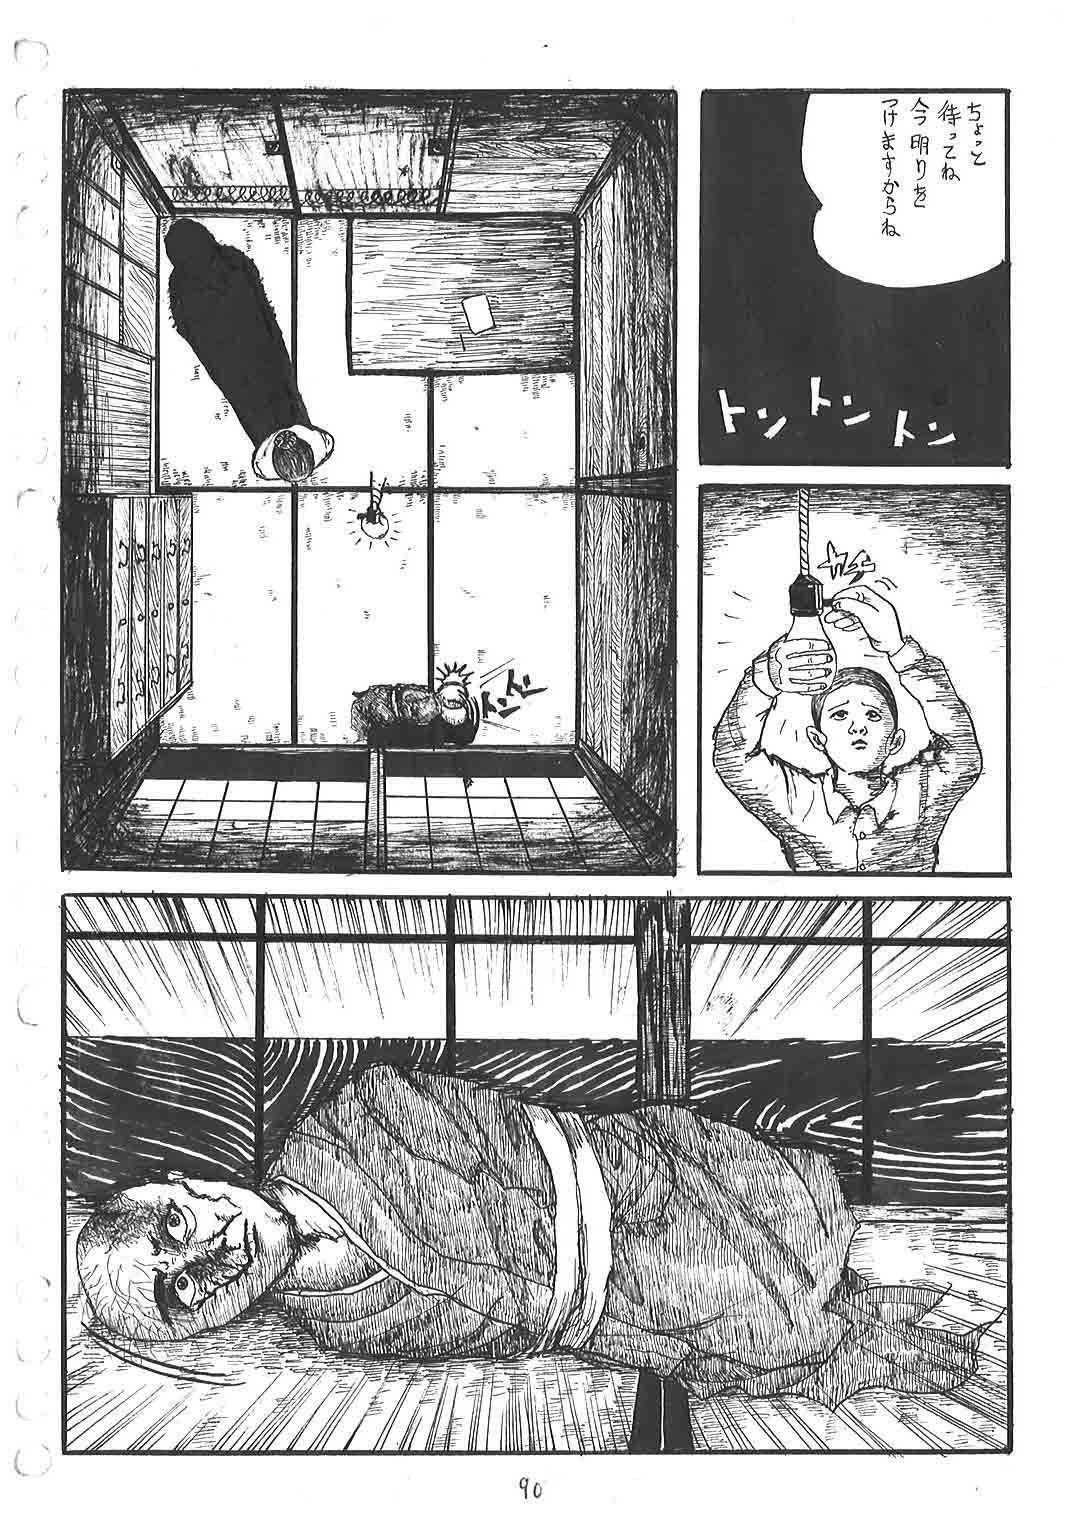 江戸川 乱歩 漫画 芋虫